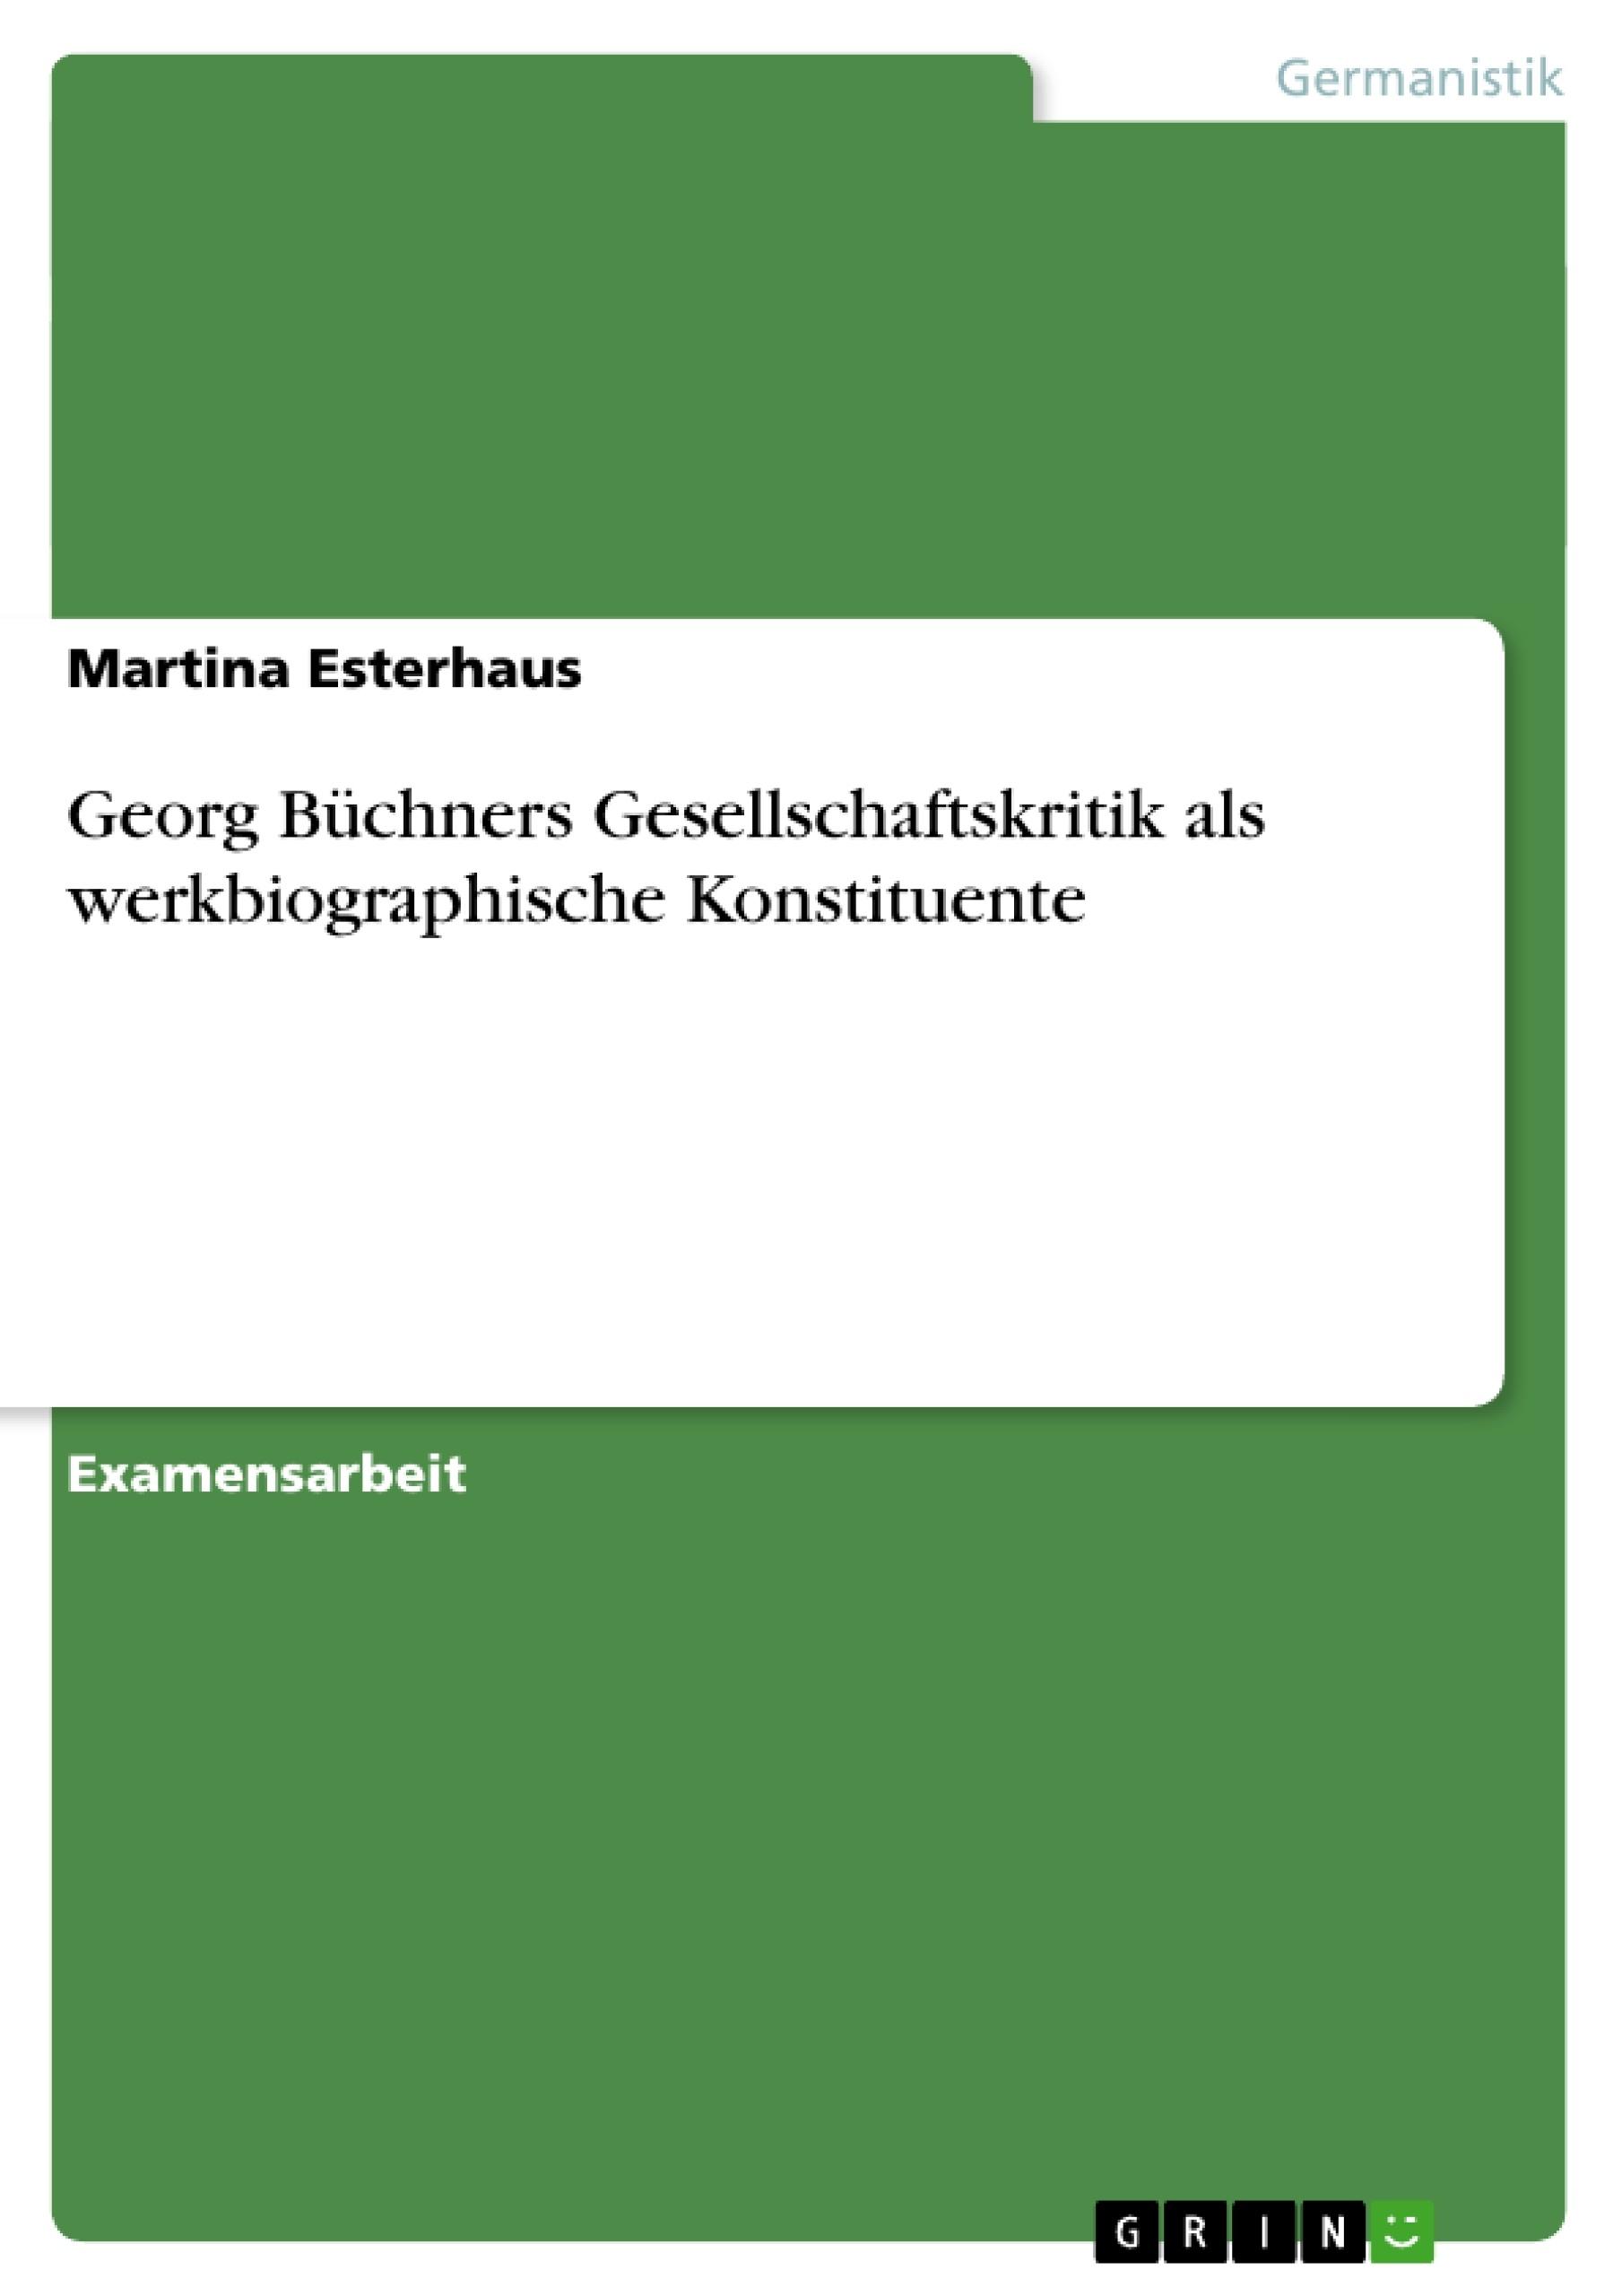 Titel: Georg Büchners Gesellschaftskritik als werkbiographische Konstituente